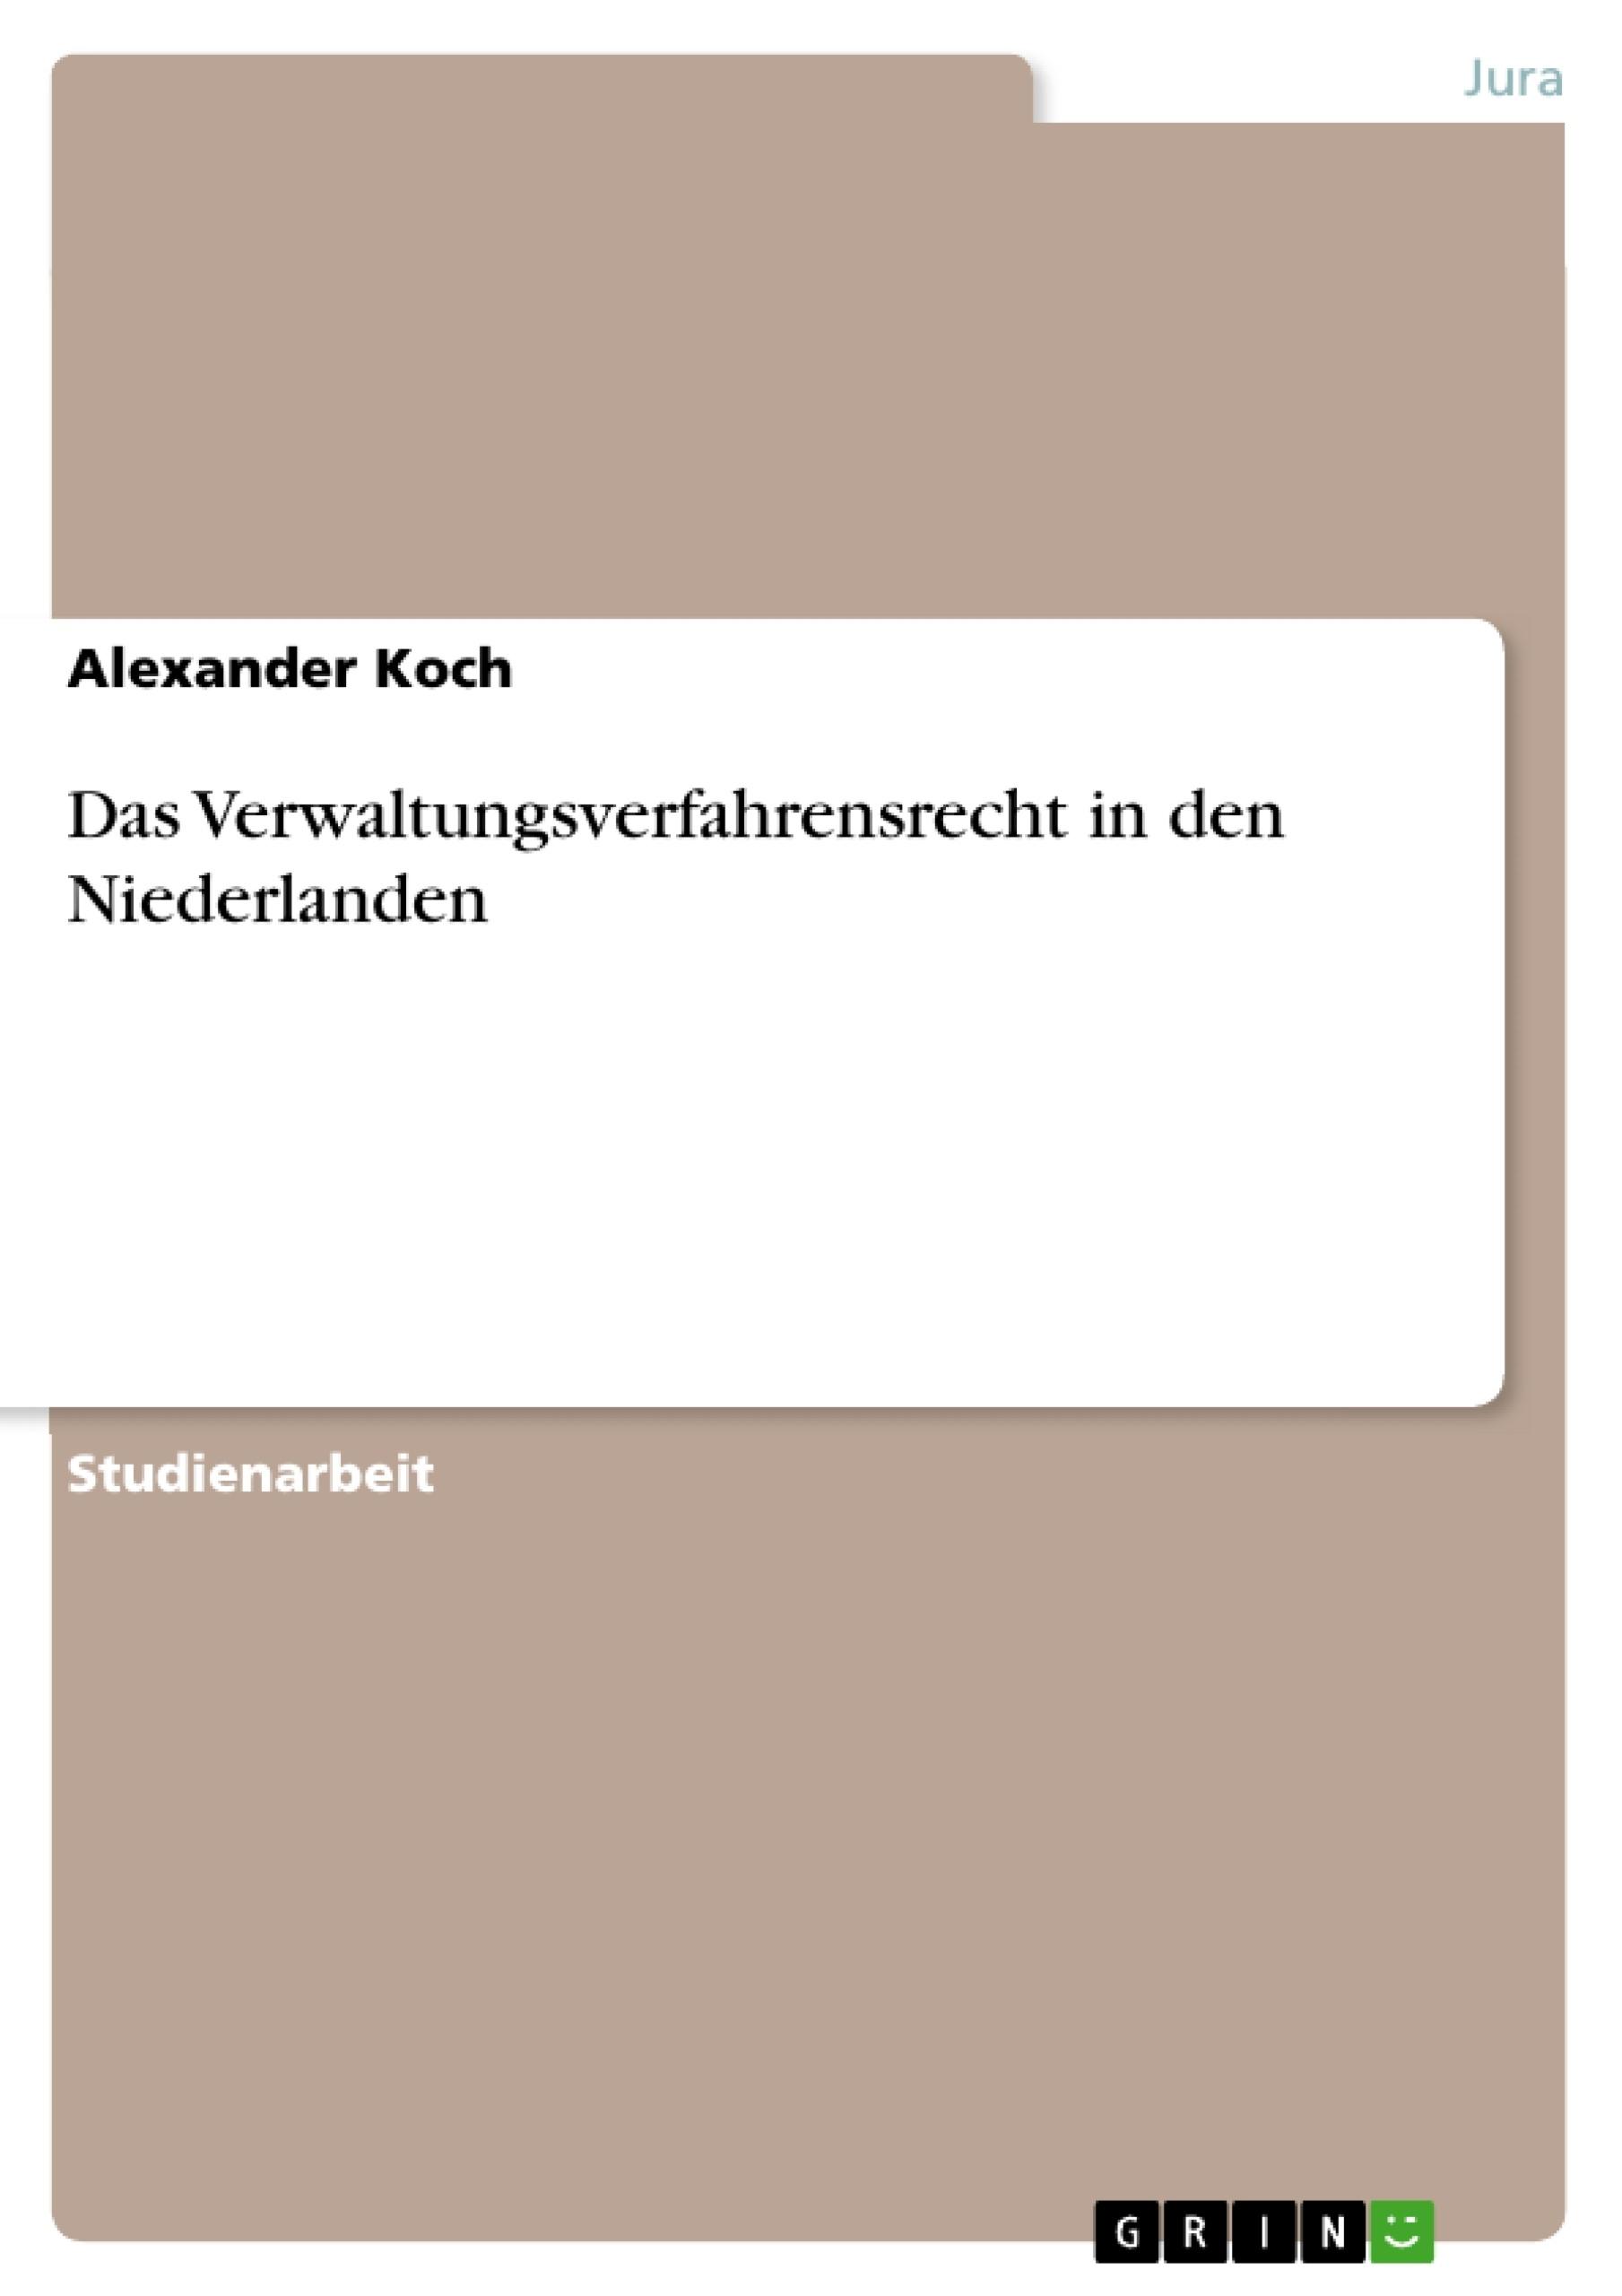 Titel: Das Verwaltungsverfahrensrecht in den Niederlanden